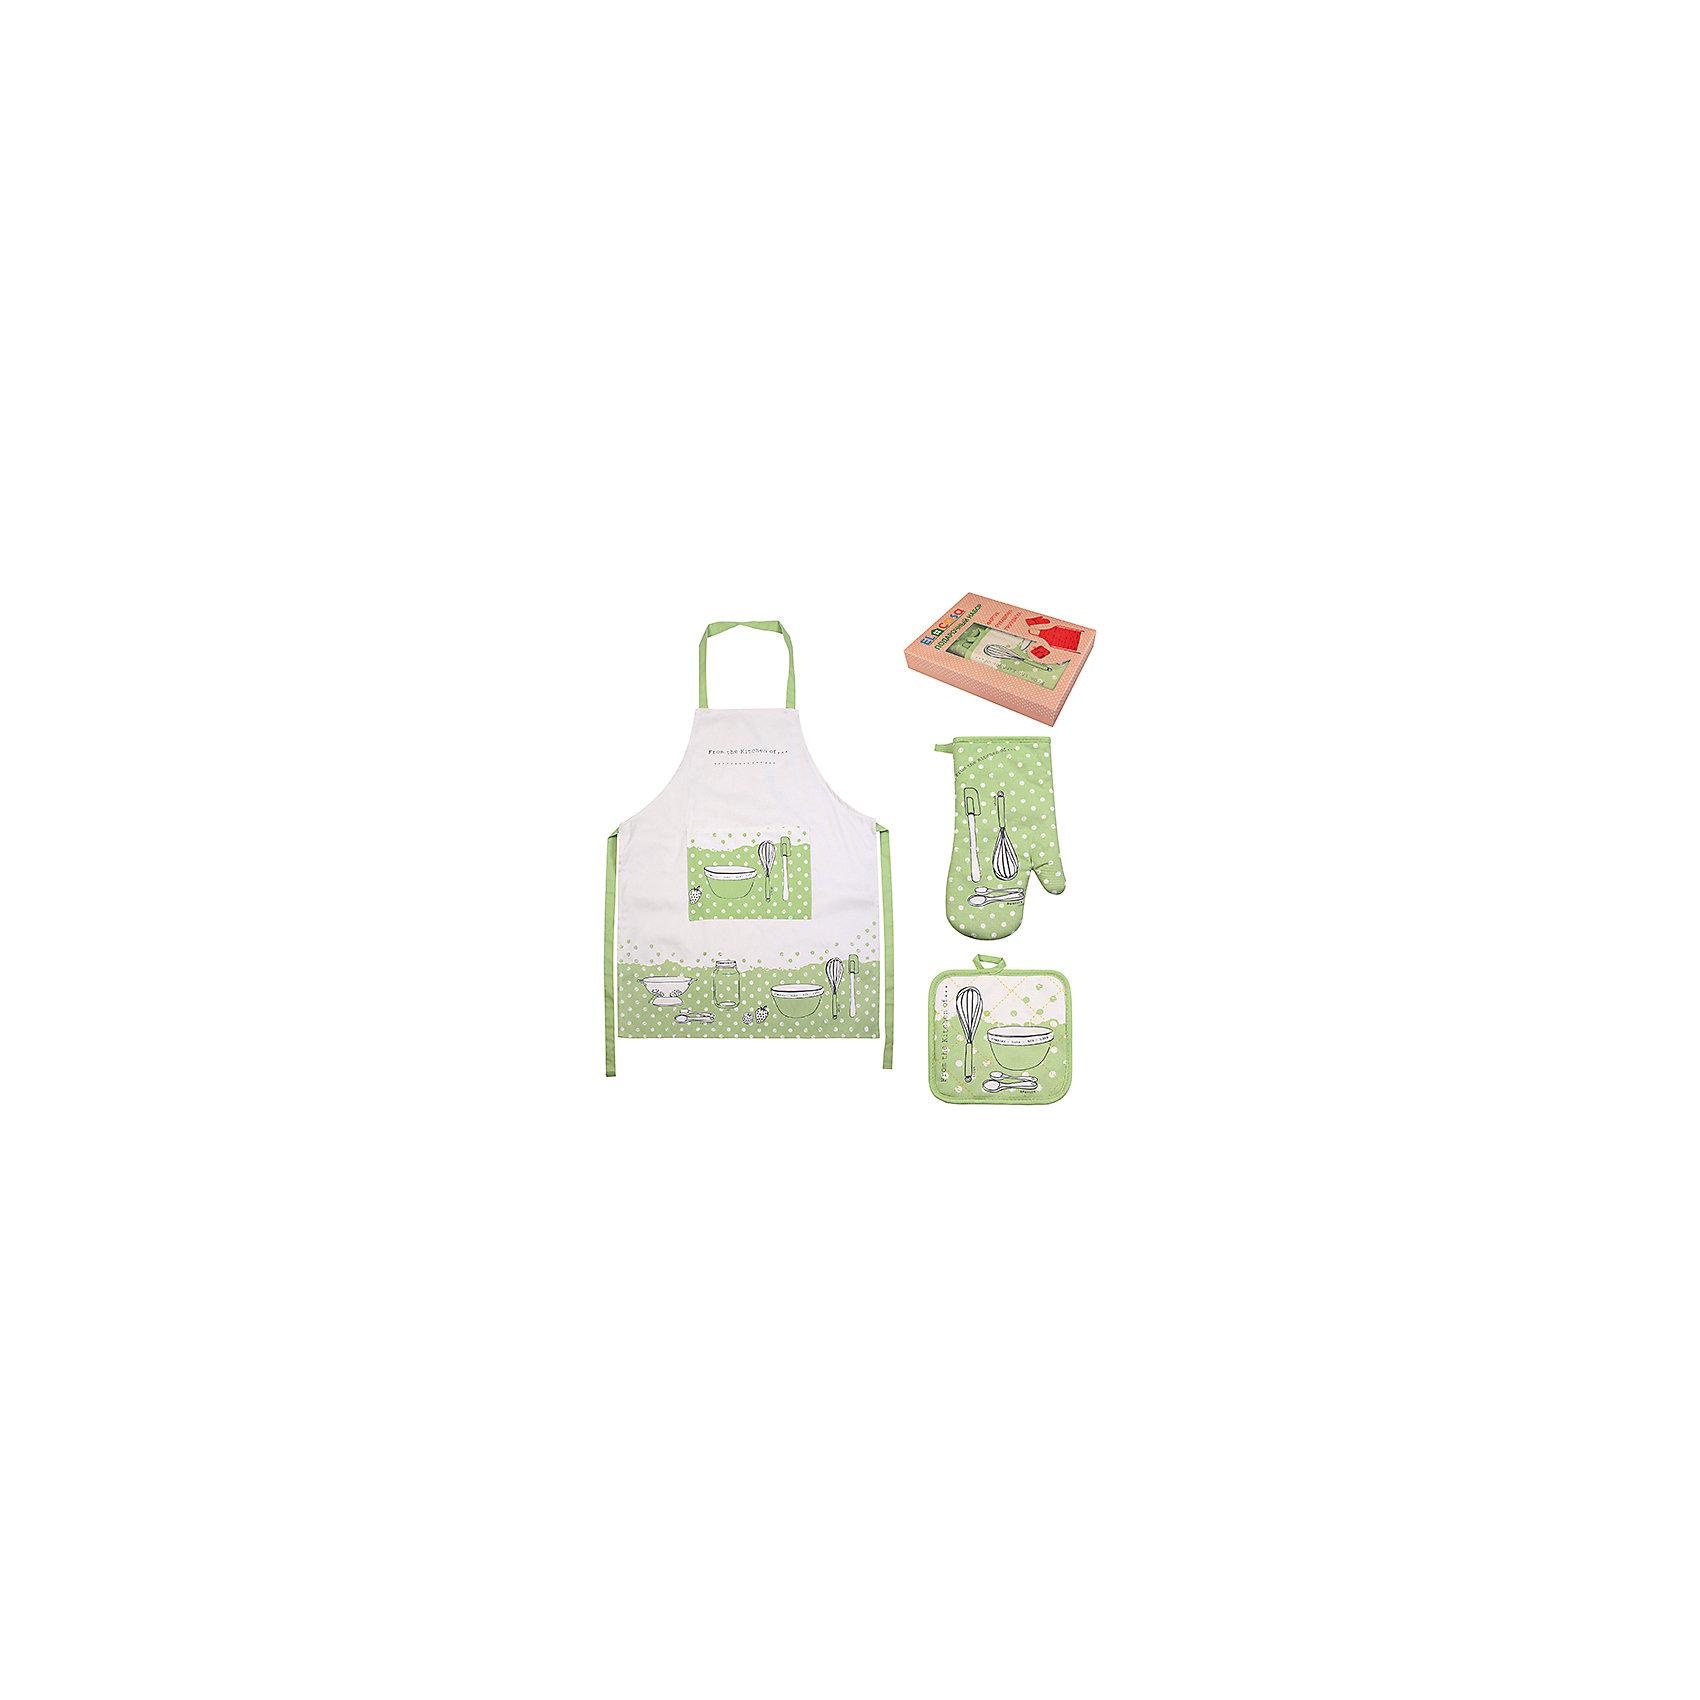 Набор:фартук, прихватка, рукавичка Салатовое настроение, EL CasaПосуда<br>Характеристики товара:<br><br>• цвет: мульти<br>• материал: хлопок, полиэстер<br>• размер: фартук 64 х 80 см, прихватка 20 х 20 см, рукавичка 19 х 30 см<br>• вес: 400 г<br>• декорирован принтом<br>• комплектация: 3 предмета<br>• удобный<br>• упаковка: подарочная коробка<br>• легкий<br>• универсальный размер<br>• страна бренда: Российская Федерация<br>• страна производства: Китай<br><br>Подарочный набор для кухни - отличный пример красивой и функциональной вещи. В нем удобно готовить, благодаря универсальному дизайну и расцветке он подойдет и женщинам, и мужчинам.<br><br>Этот набор может стать отличным приобретением для дома или подарком для любителей красивых оригинальных вещей.<br><br>Бренд EL Casa - это красивые и практичные товары для дома с современным дизайном. Они добавляют в жильё уюта и комфорта! <br><br>Набор: фартук, прихватка, рукавичка Салатовое настроение, EL Casa можно купить в нашем интернет-магазине.<br><br>Ширина мм: 230<br>Глубина мм: 45<br>Высота мм: 300<br>Вес г: 415<br>Возраст от месяцев: 0<br>Возраст до месяцев: 1188<br>Пол: Унисекс<br>Возраст: Детский<br>SKU: 6668802